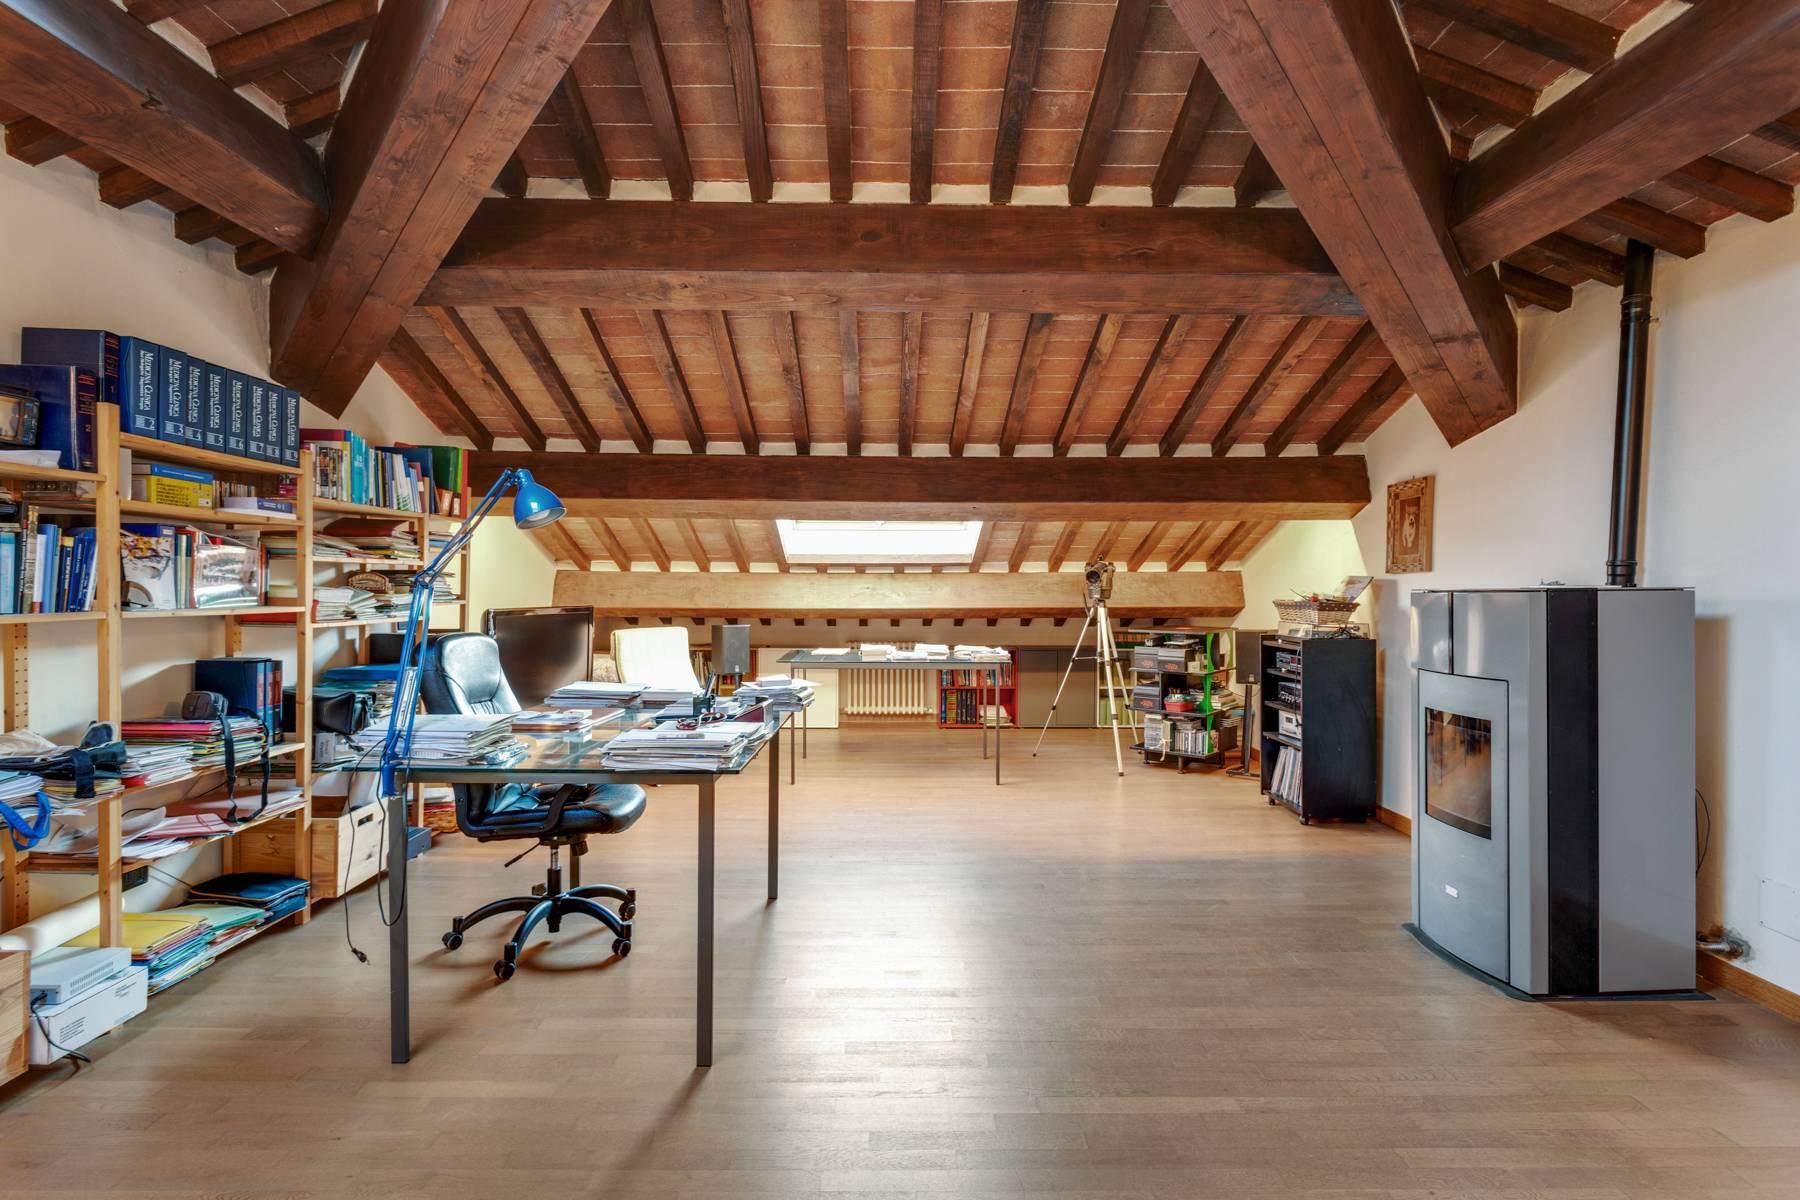 Casale con agriturismo e vigneto a pochi passi da Montepulciano - 18